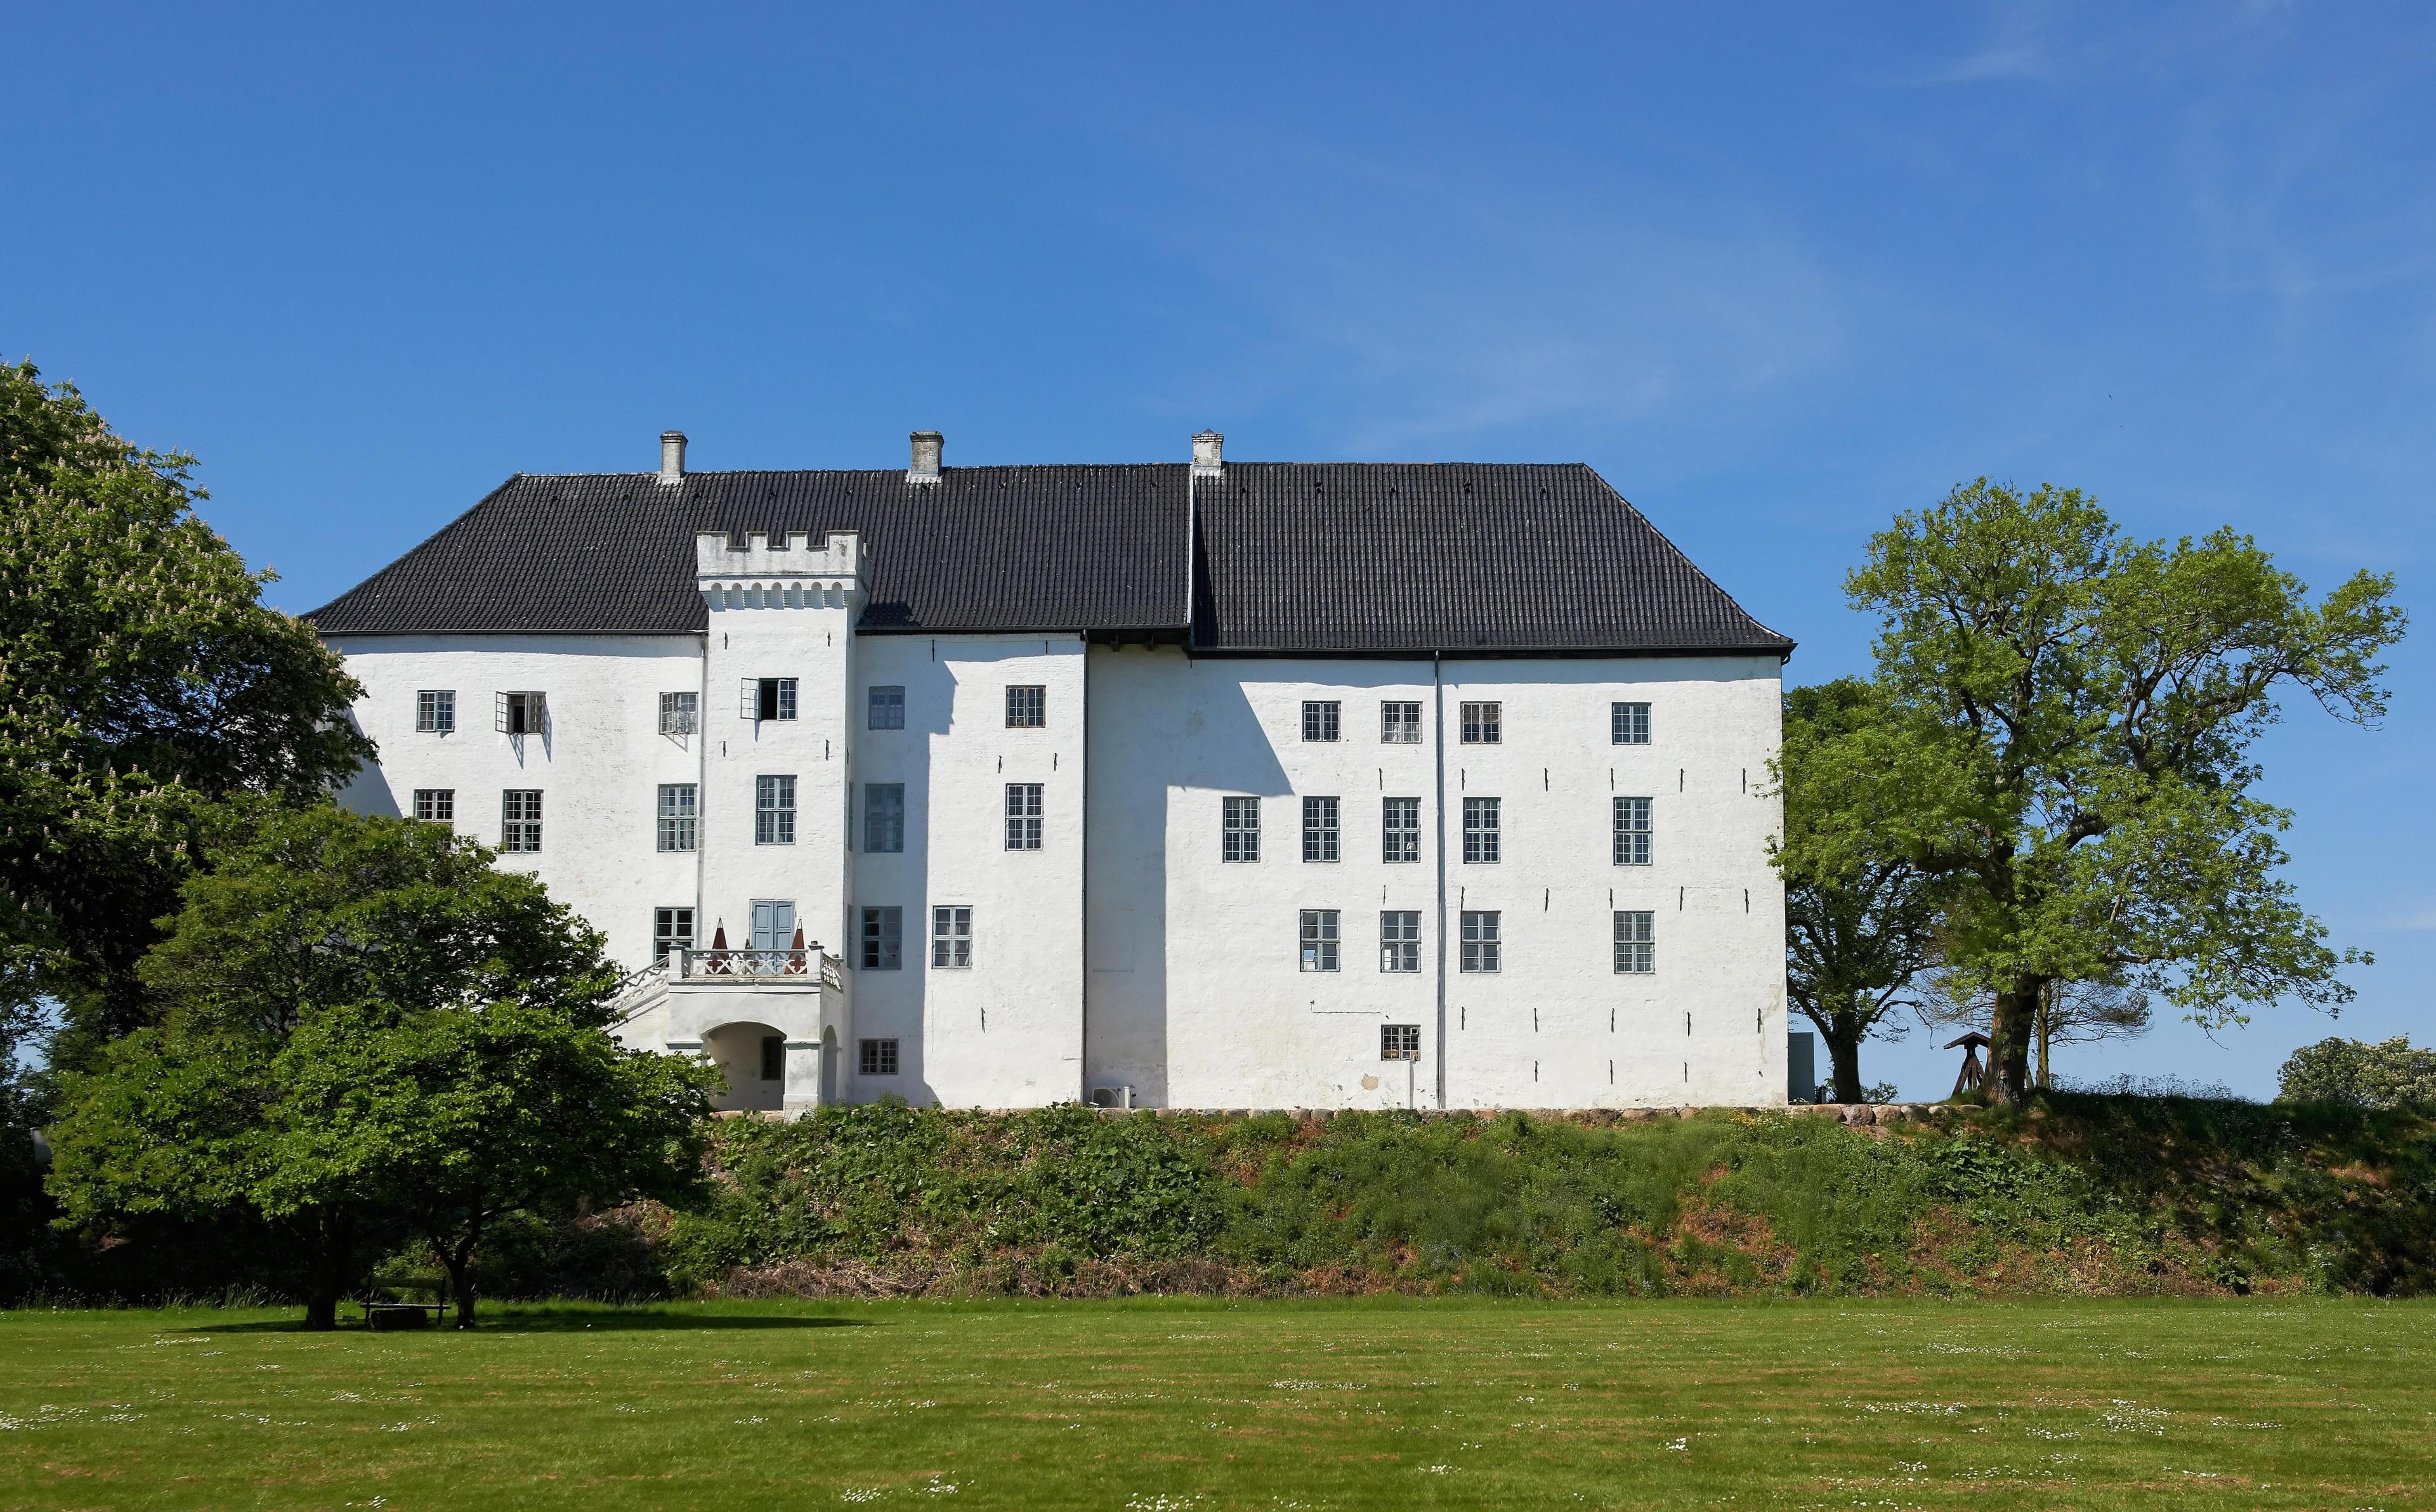 Odsherred Kommune, Zelandia, Dania